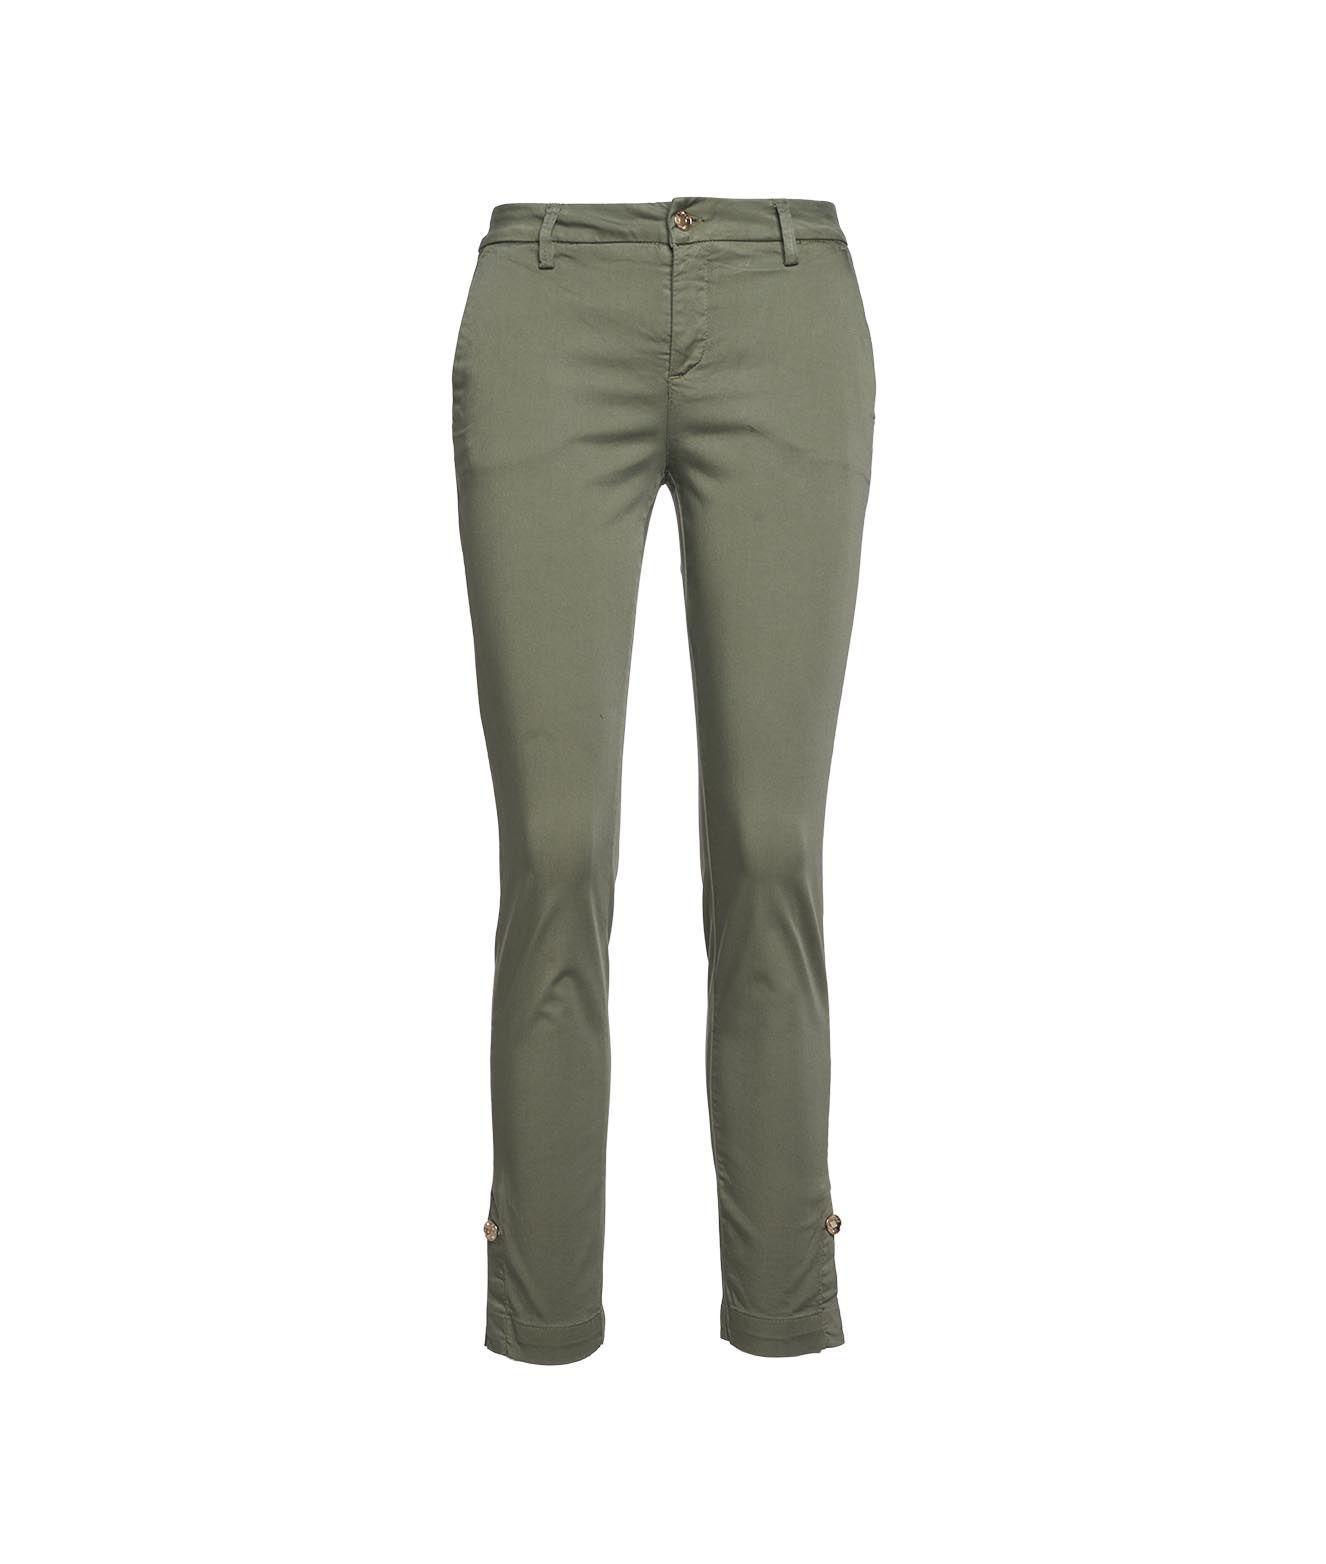 pantalone chino chic liu jo LIU JO | Pantaloni | WA1091T9257X0367